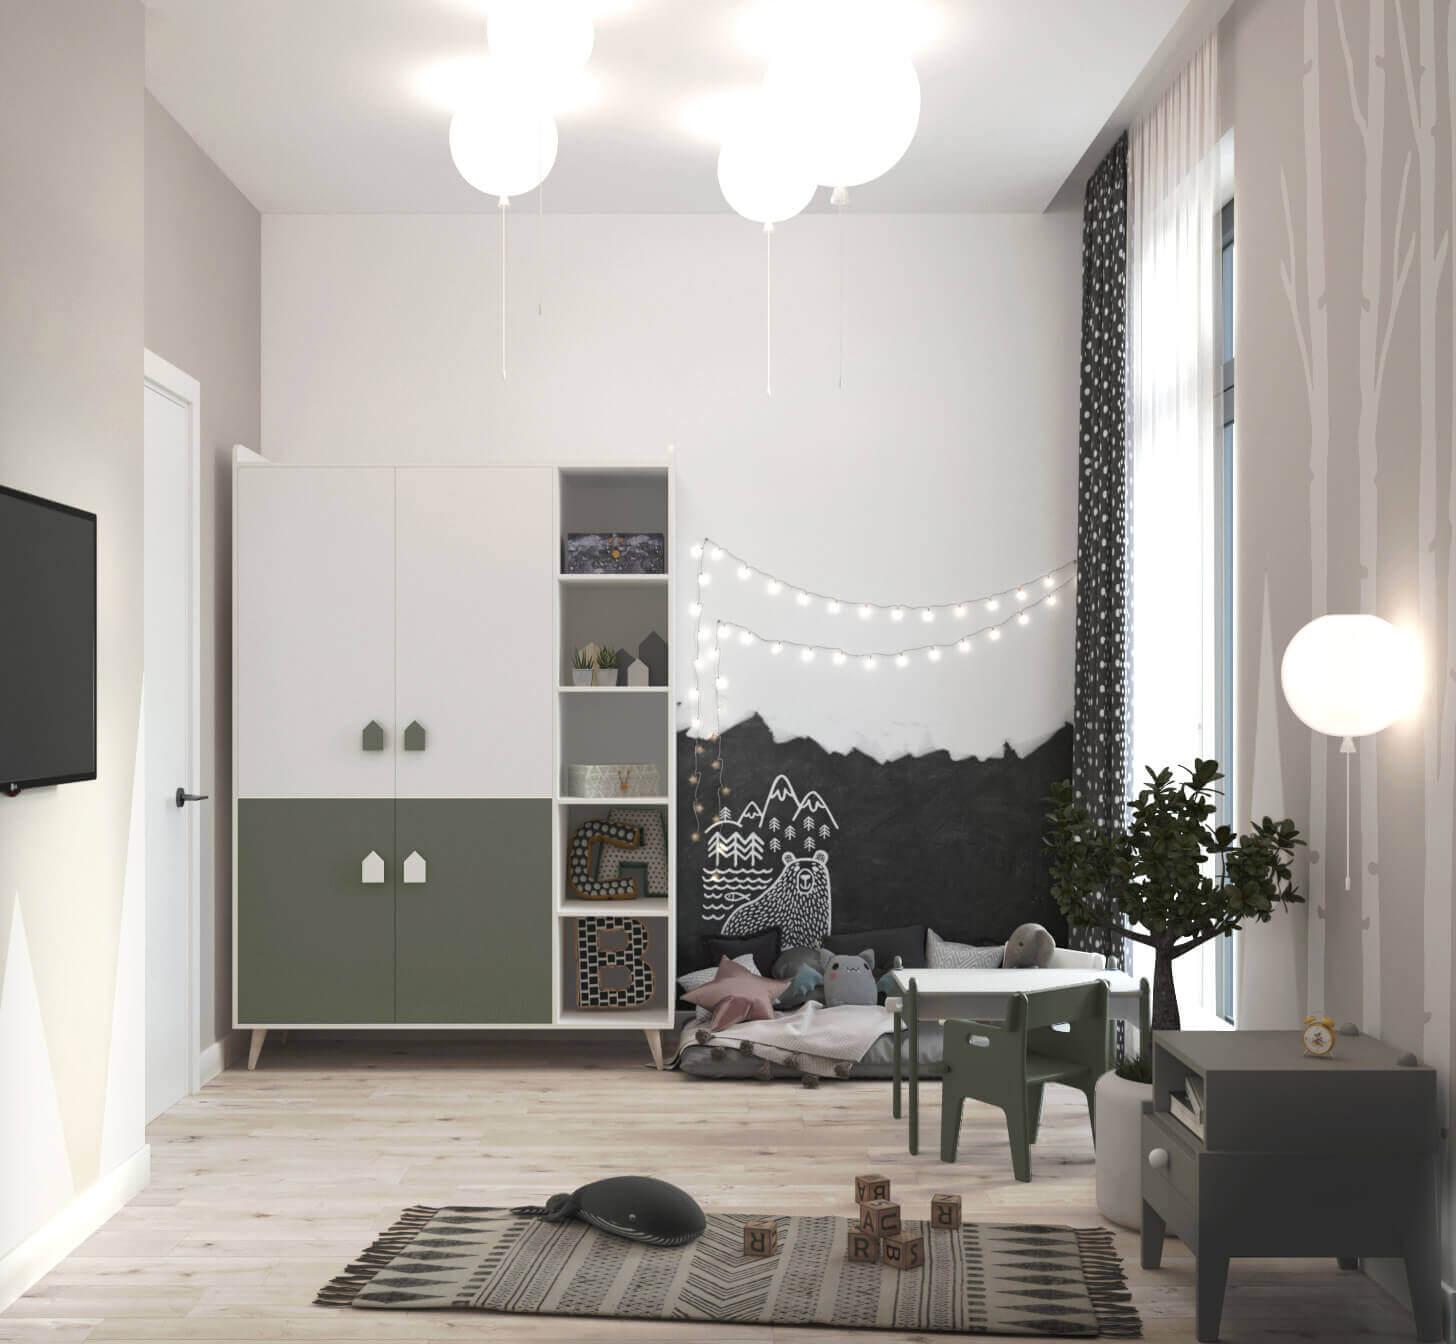 дизайн интерьера детской комнаты сказочный лес